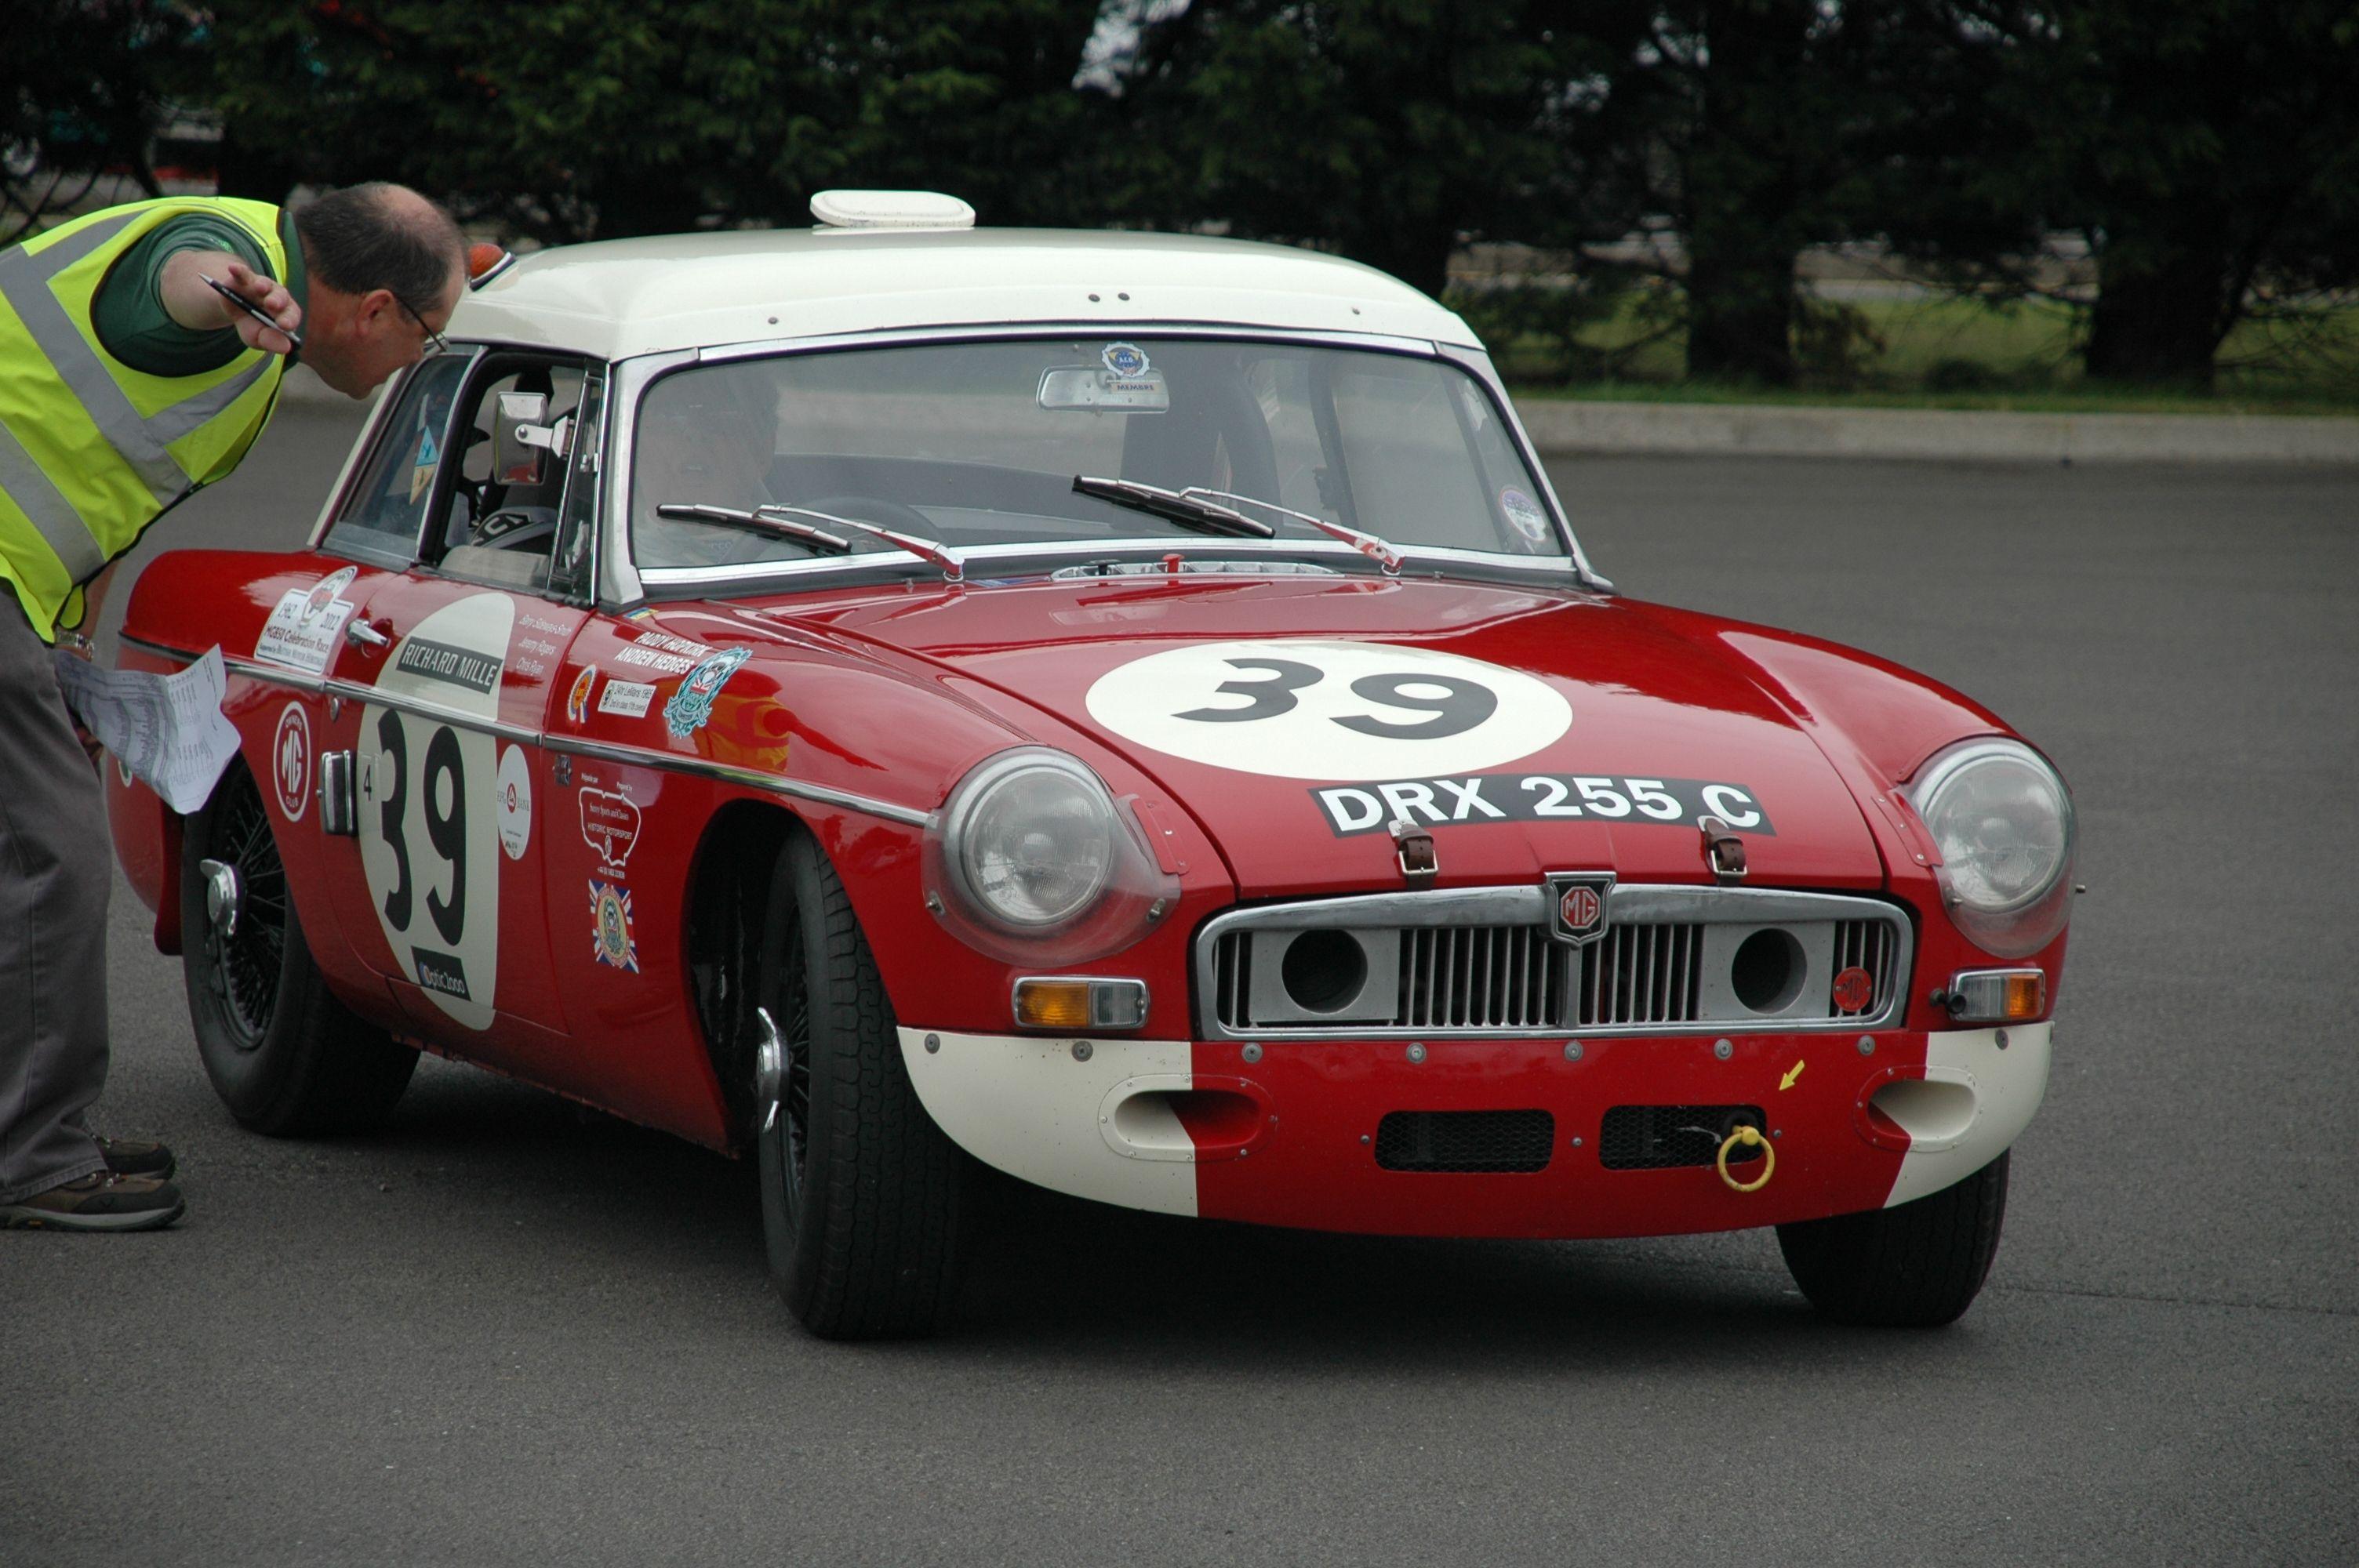 MGB race car For Sale (1965) | cdubs MG\'s | Pinterest | Cars ...